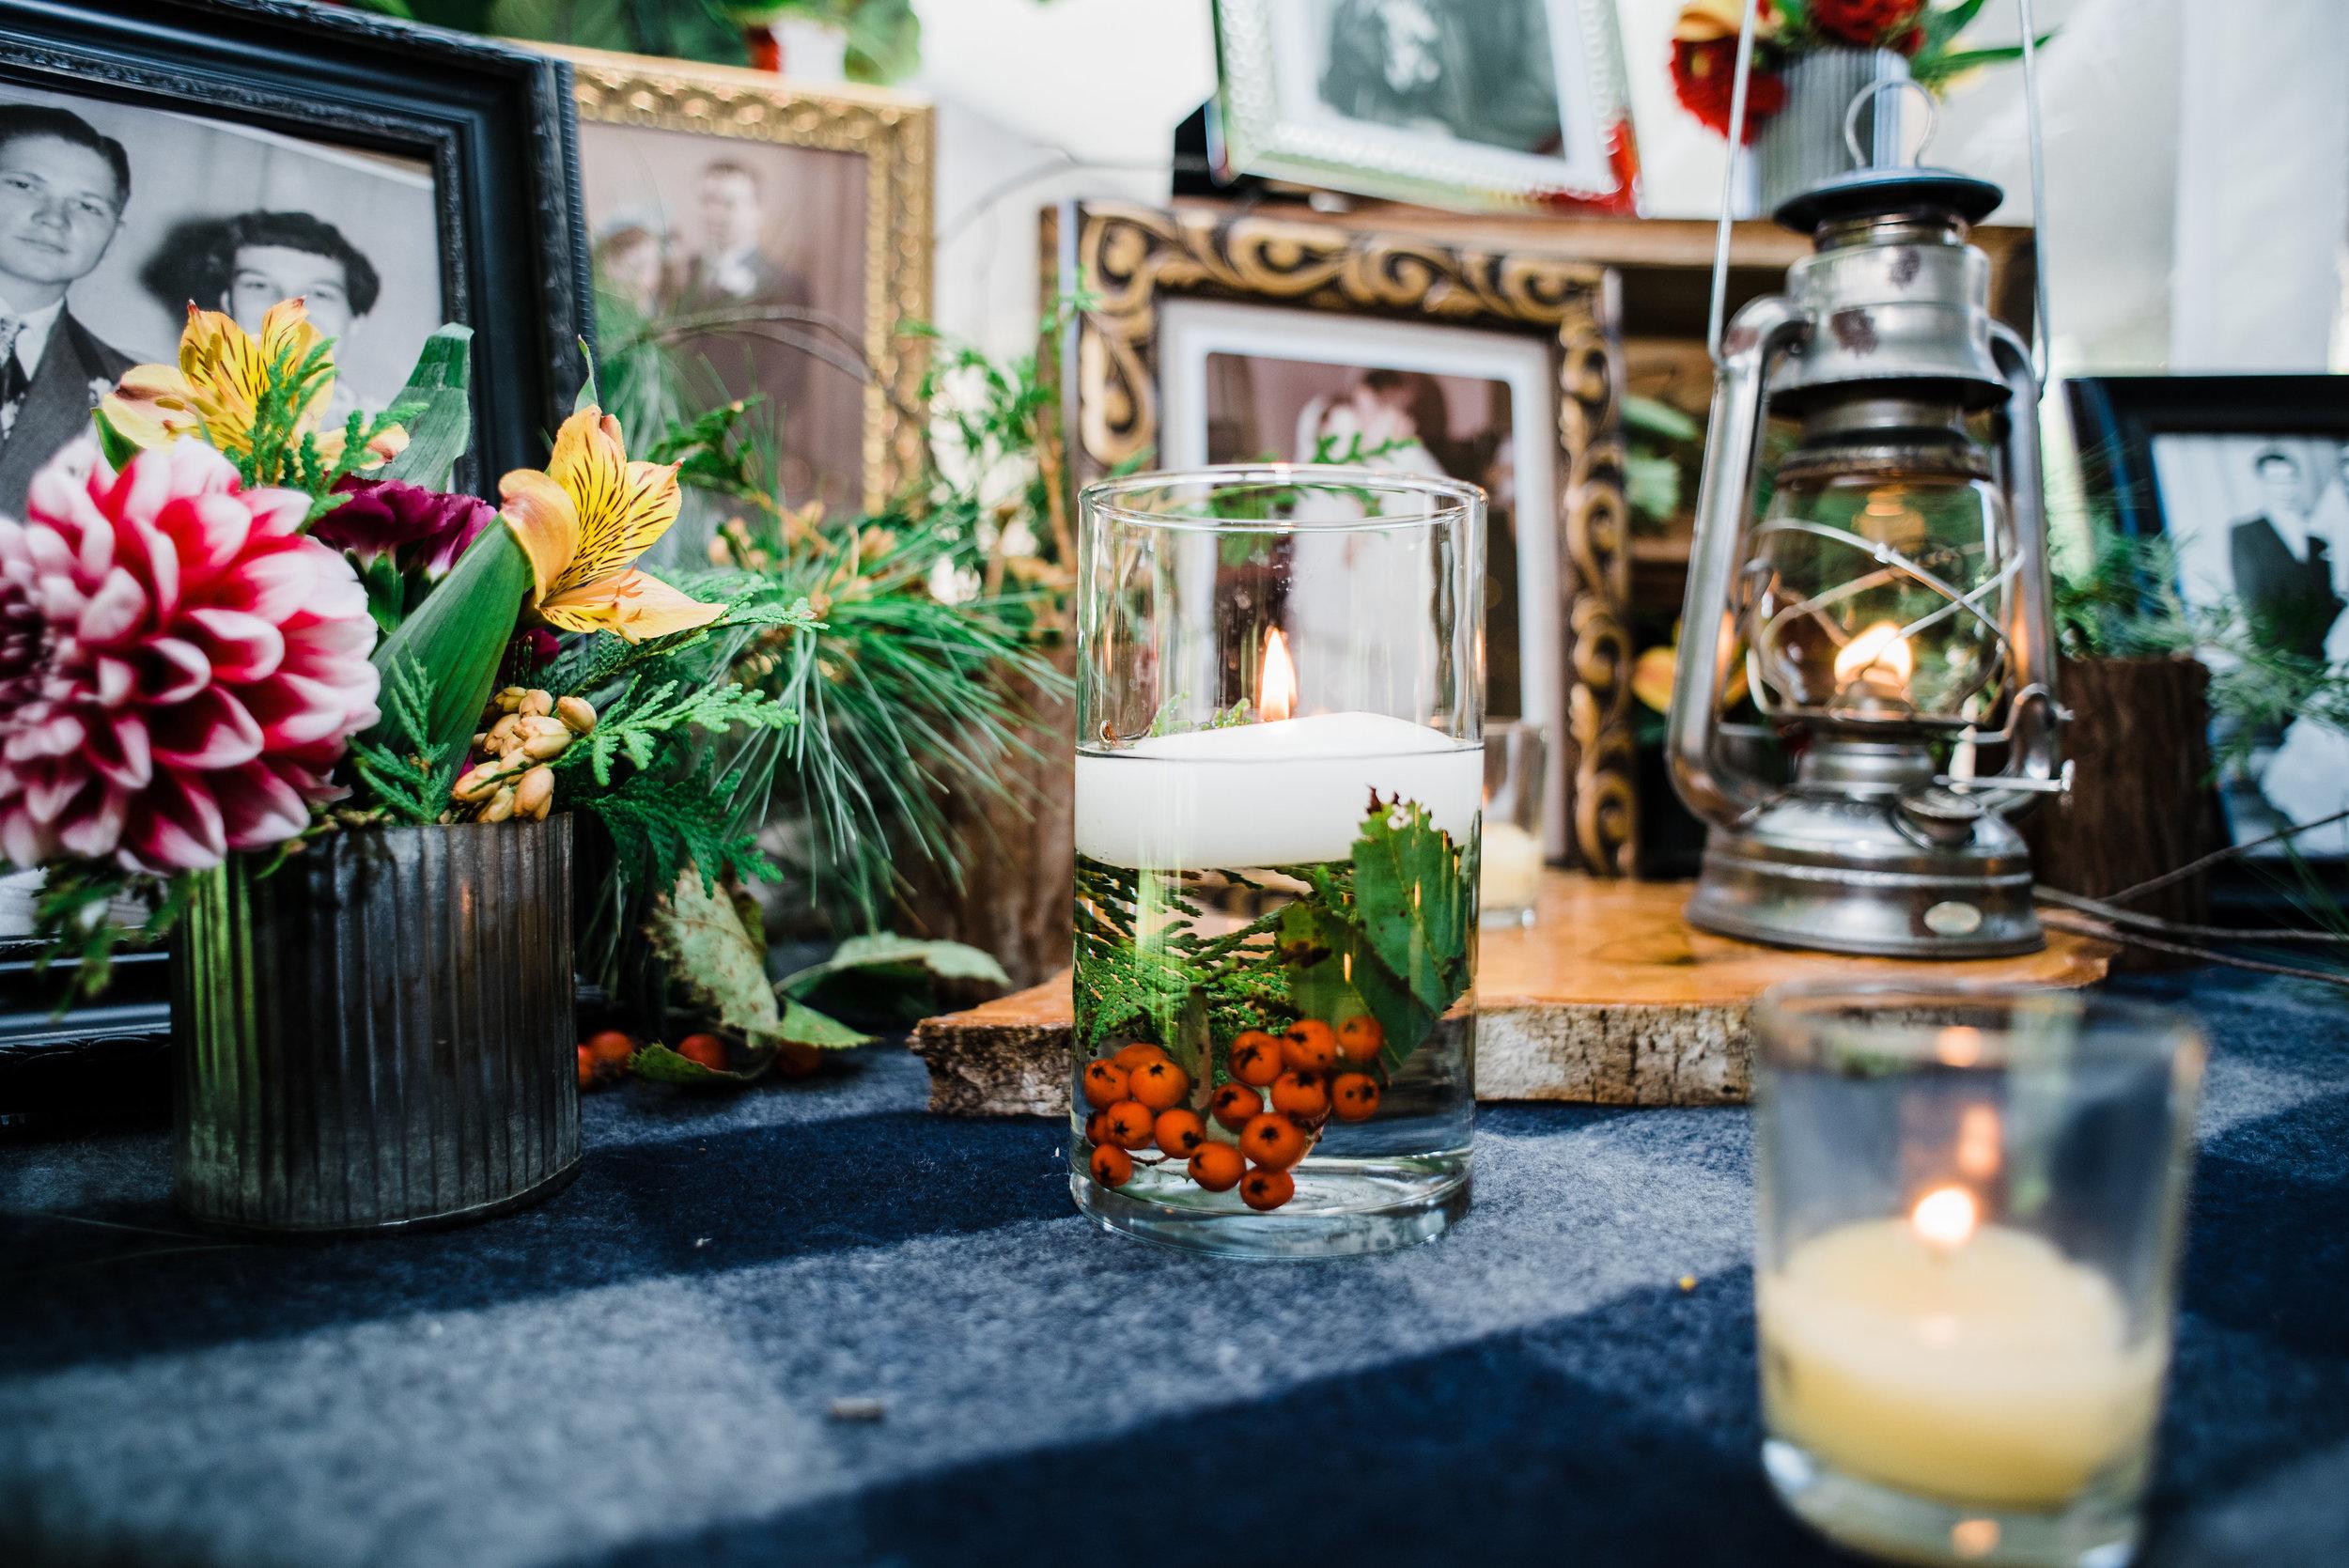 wedding_memory_table_antique_red_berries.jpg